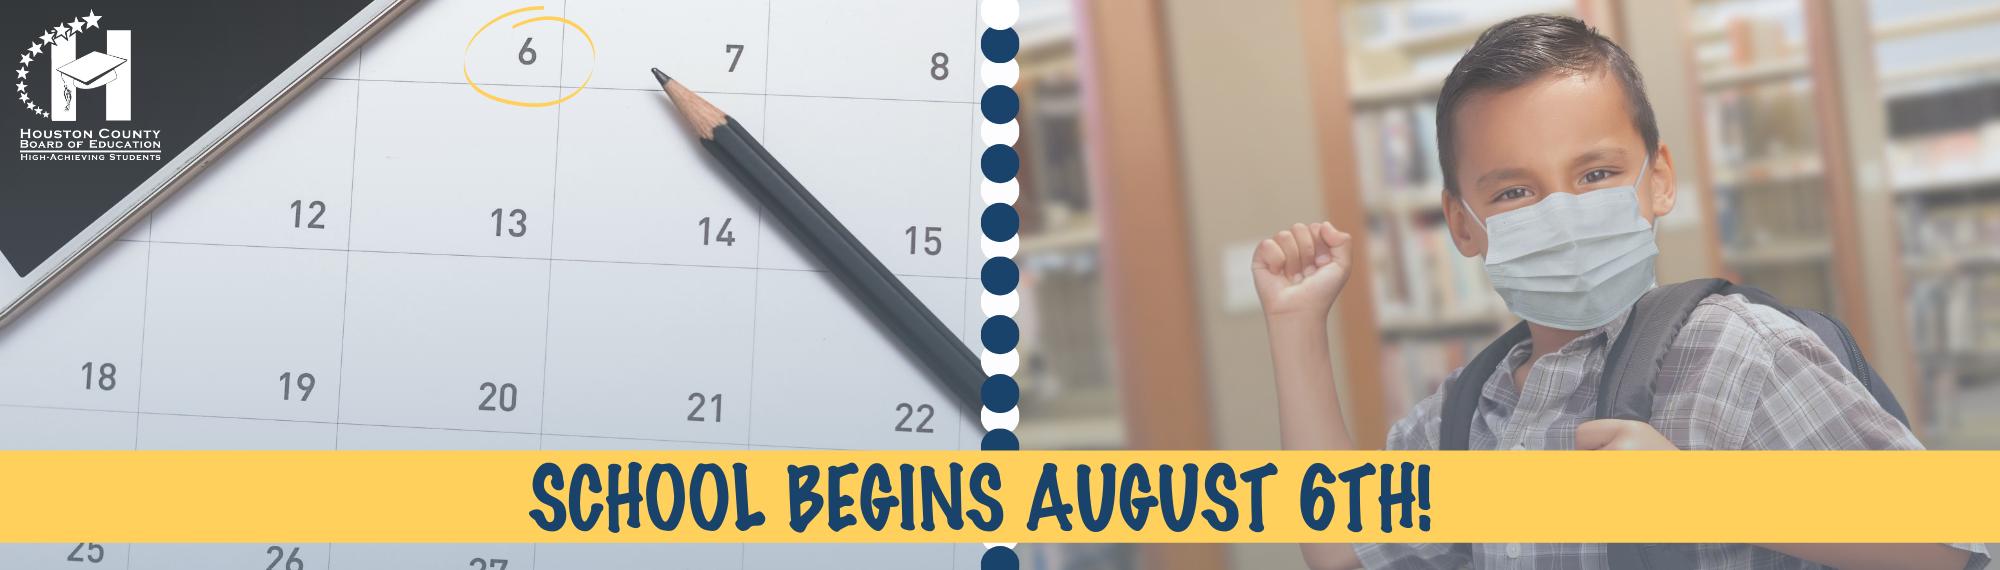 School begins August 6th